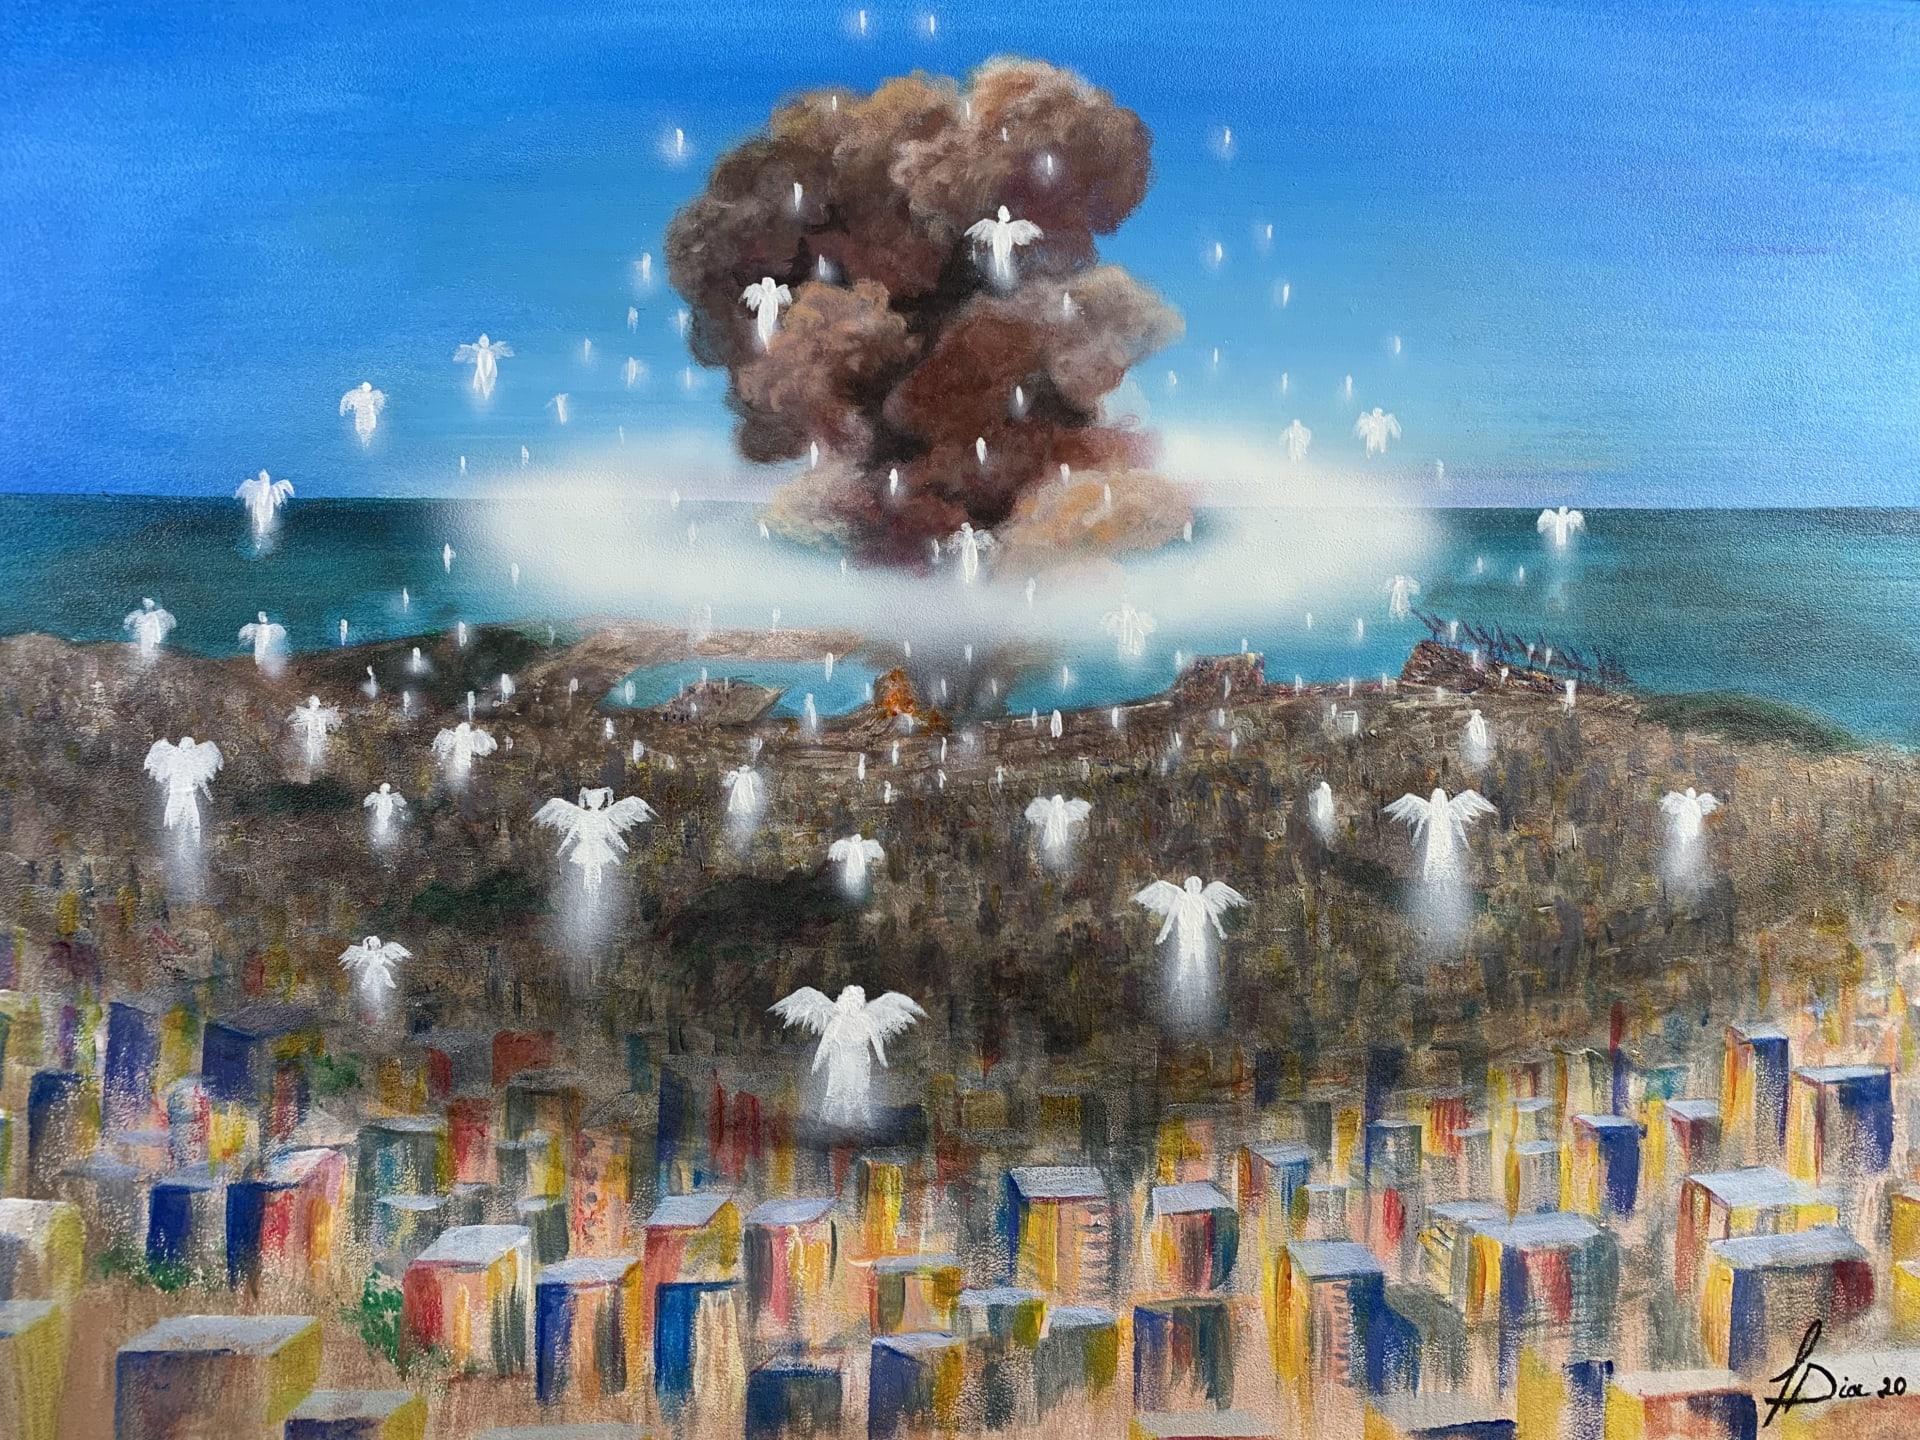 لوحة تجسد مأساة انفجار بيروت